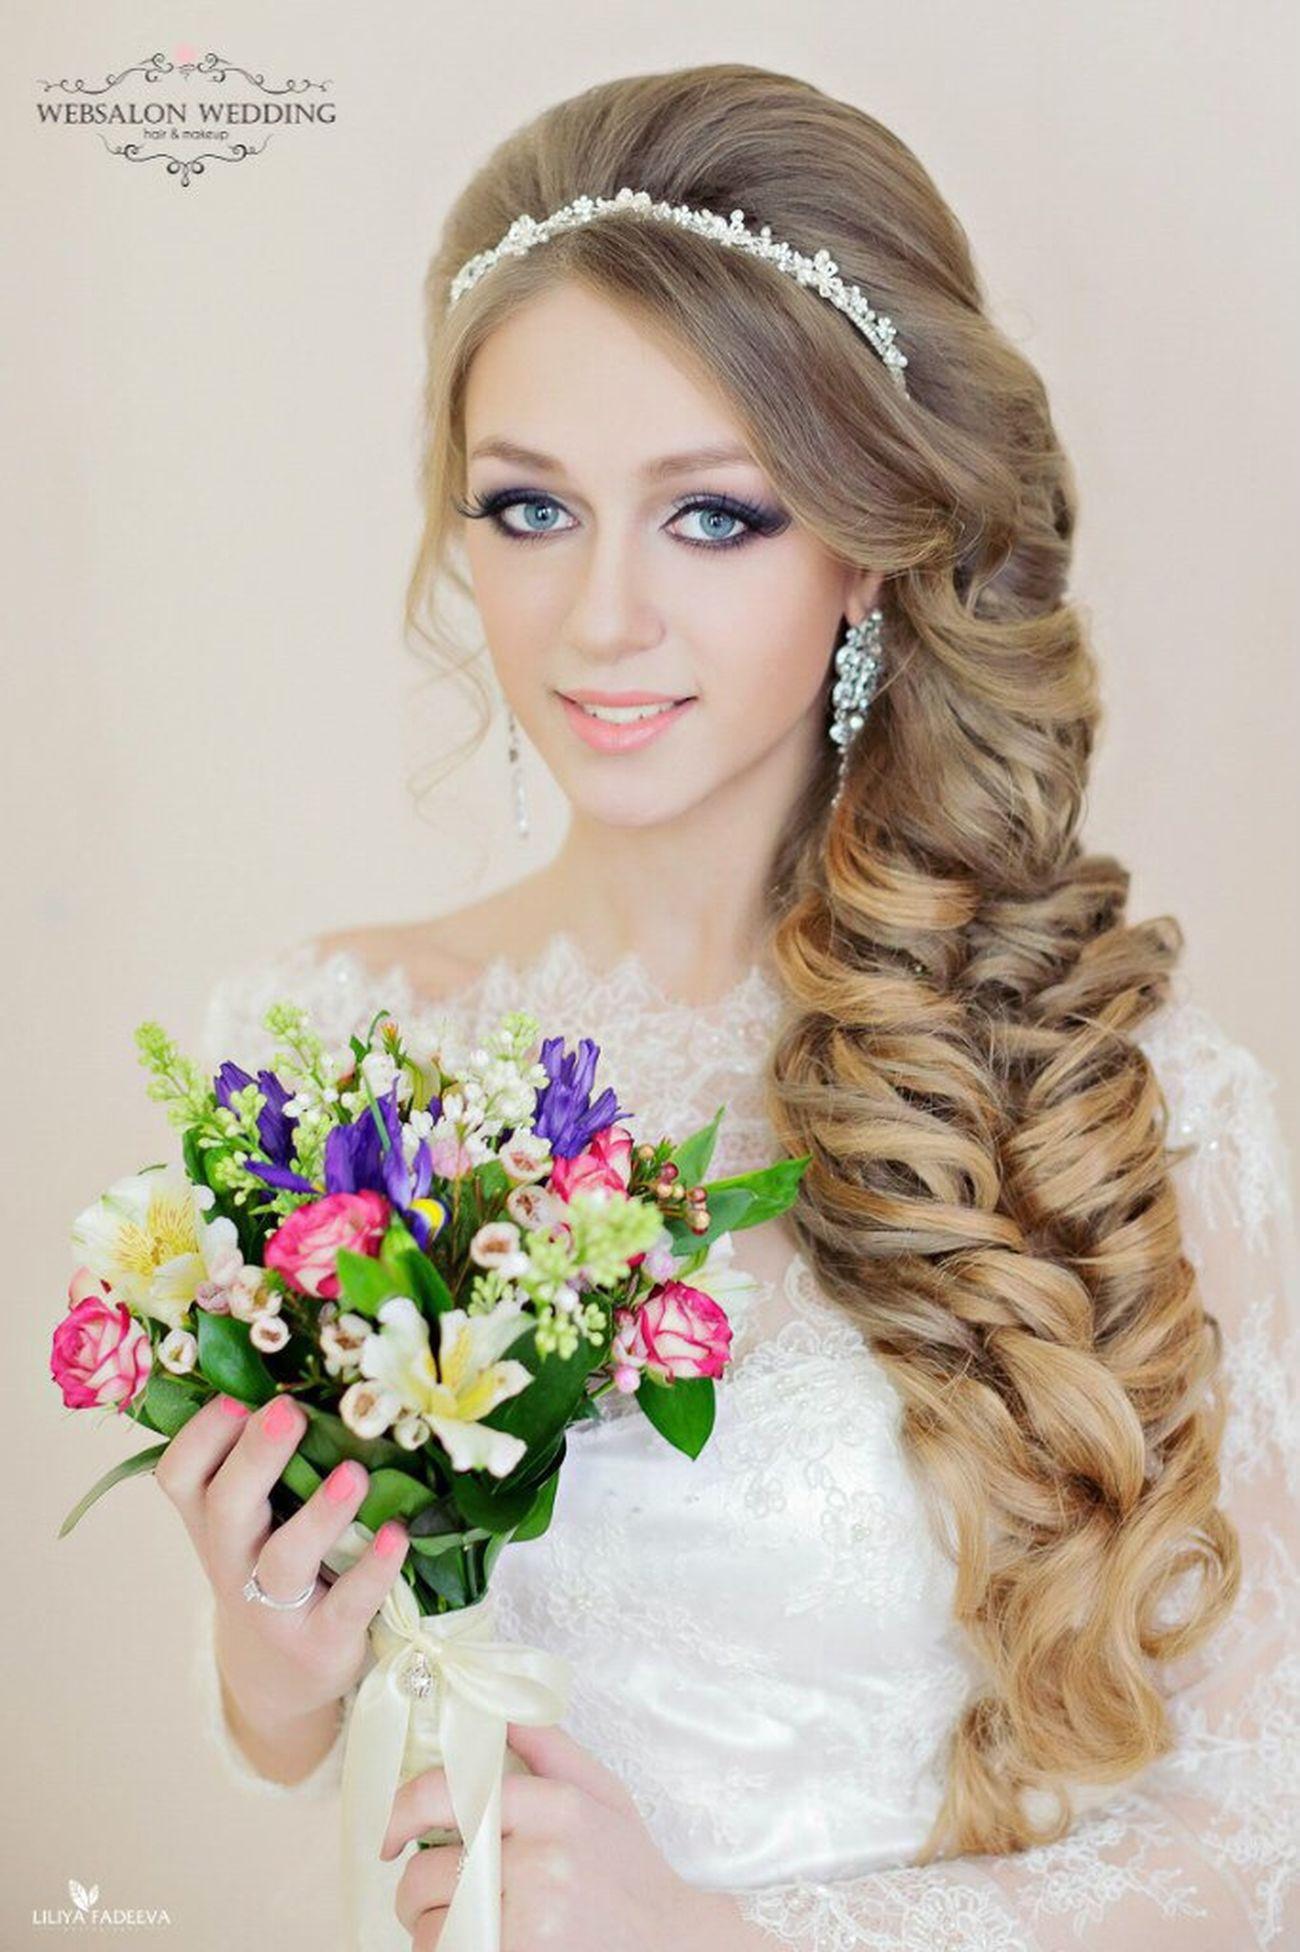 Wedding2015 Weddingdetails Weddingdress Novia2015 Blonde Hair Weddinghair Hairstylist Pretty♡ Wedding Fashion Hair